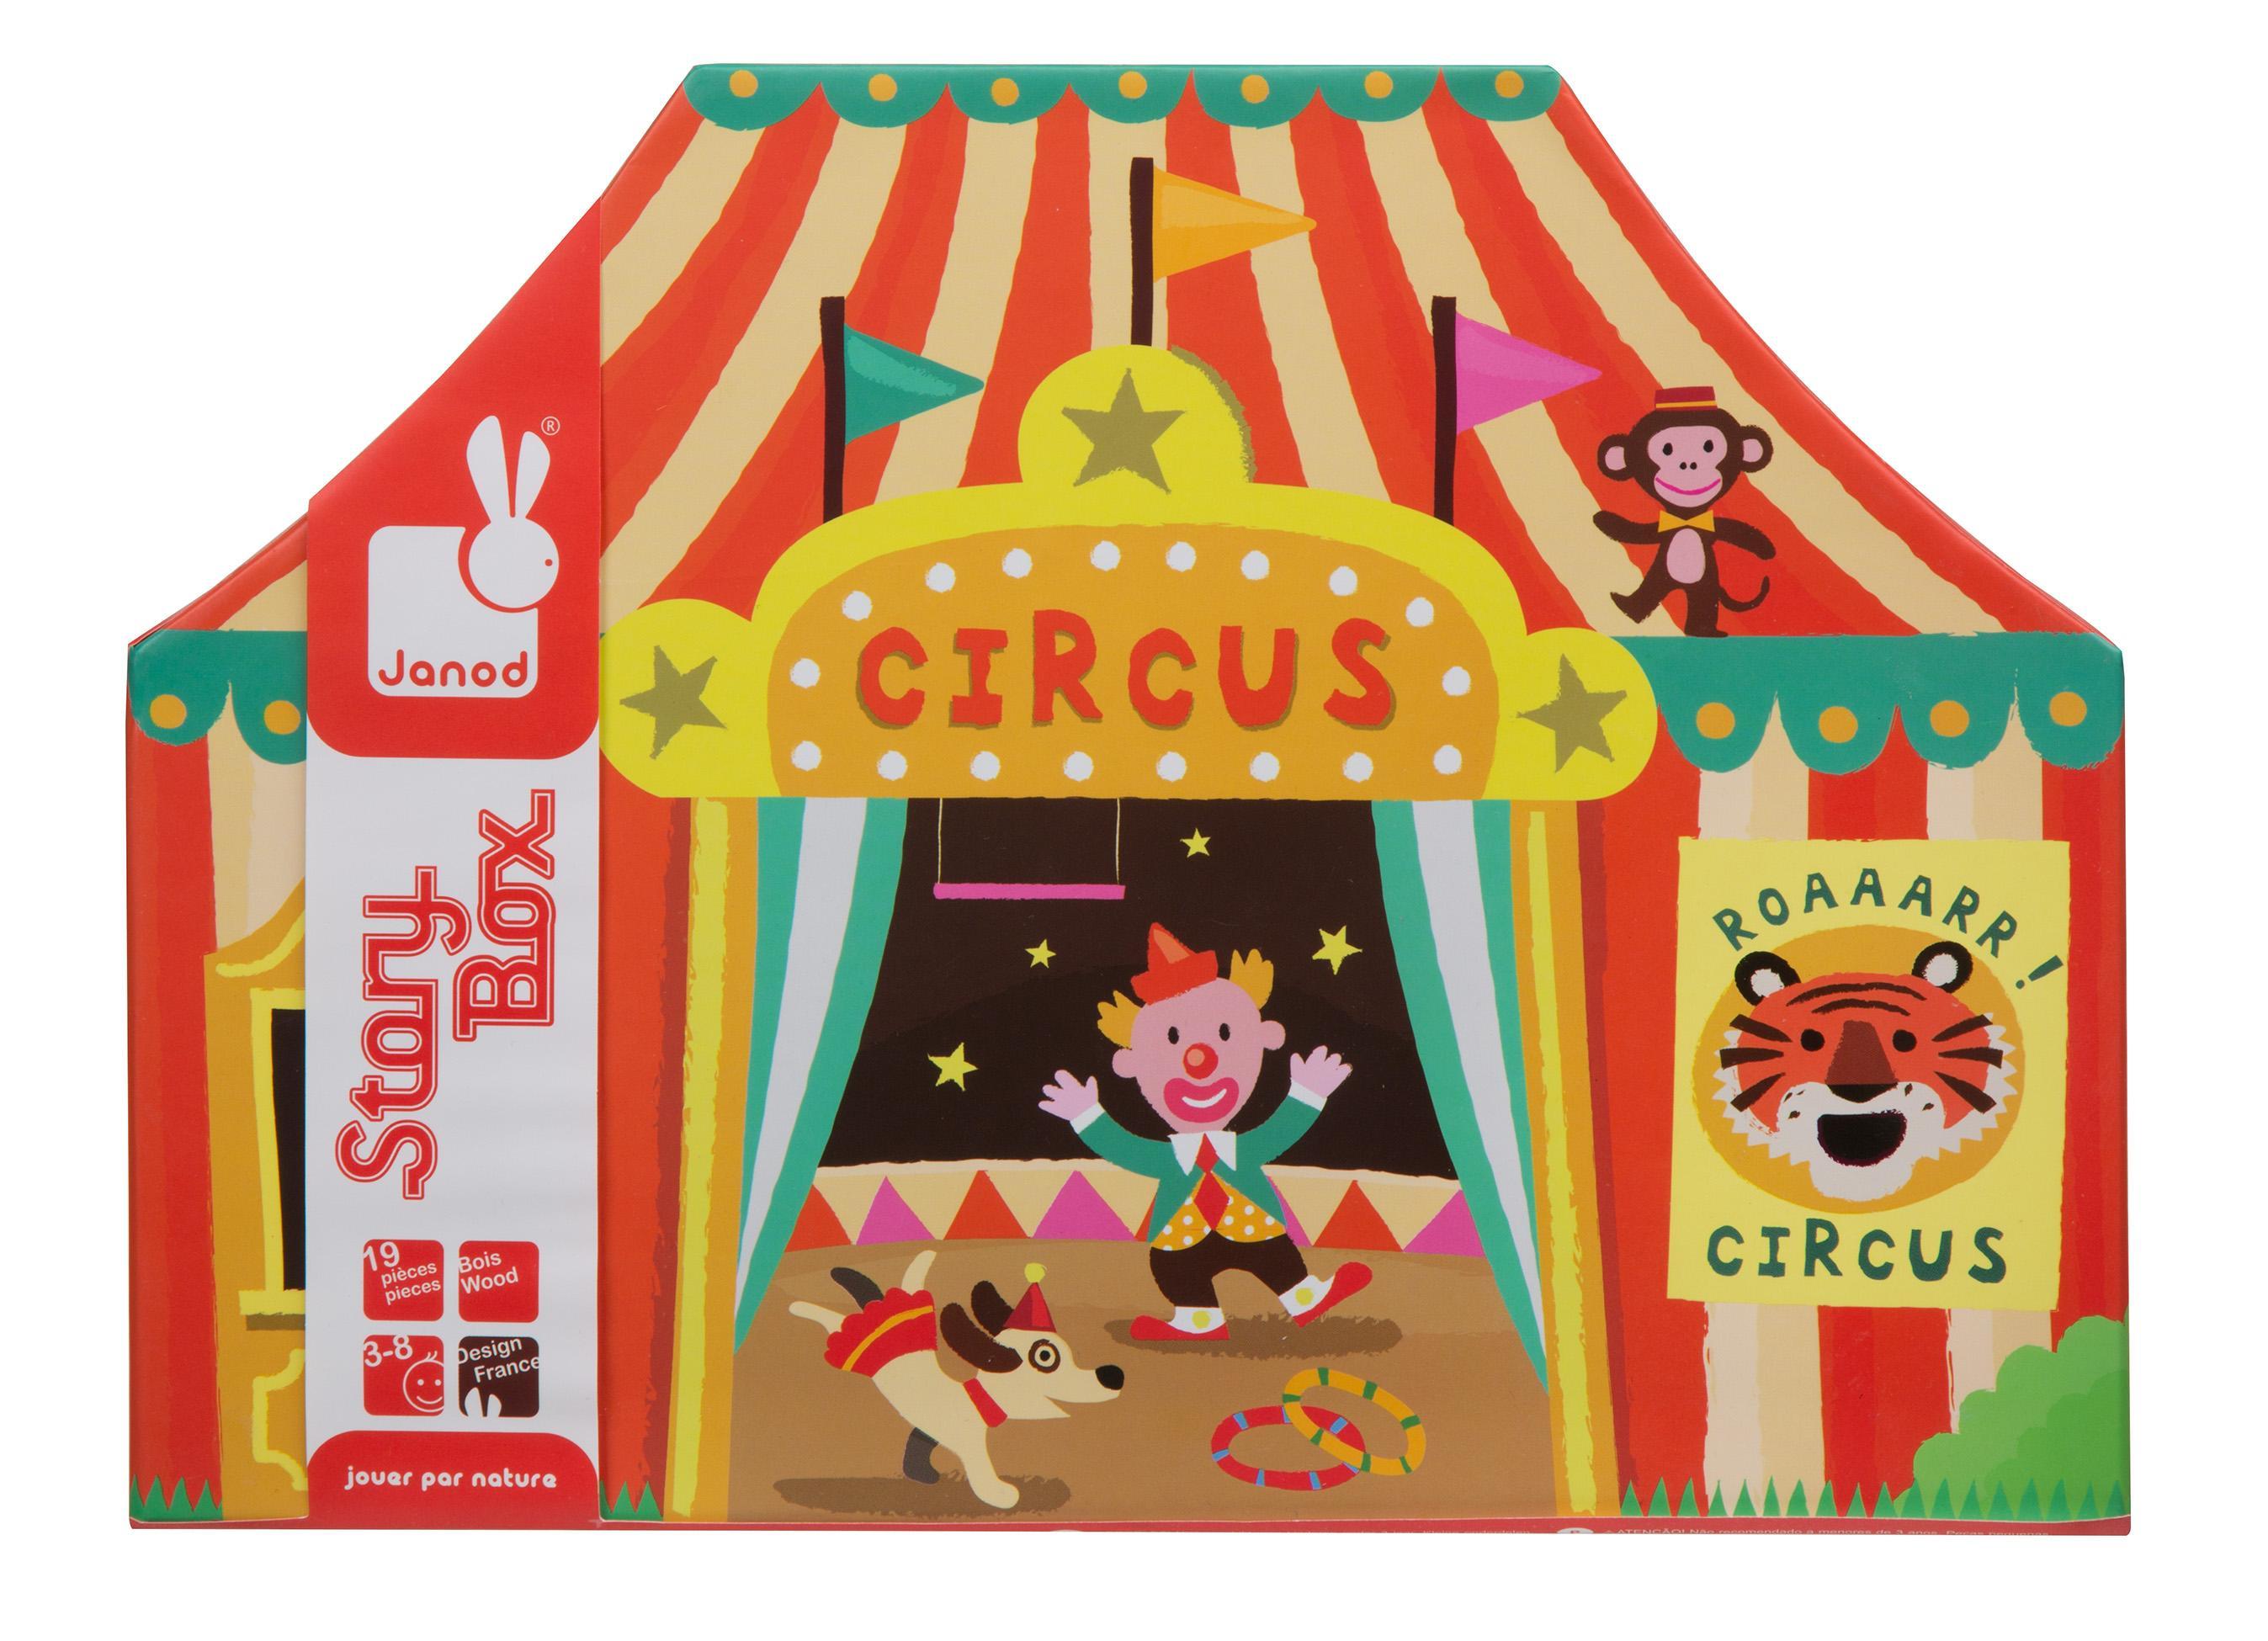 aa201adb-0d44-443a-83c6-3ca5ba59c271.jpg._CB291251870__SR285285_.jpg  sc 1 st  Amazon.com & Amazon.com: Janod Story Box Circus: Toys u0026 Games